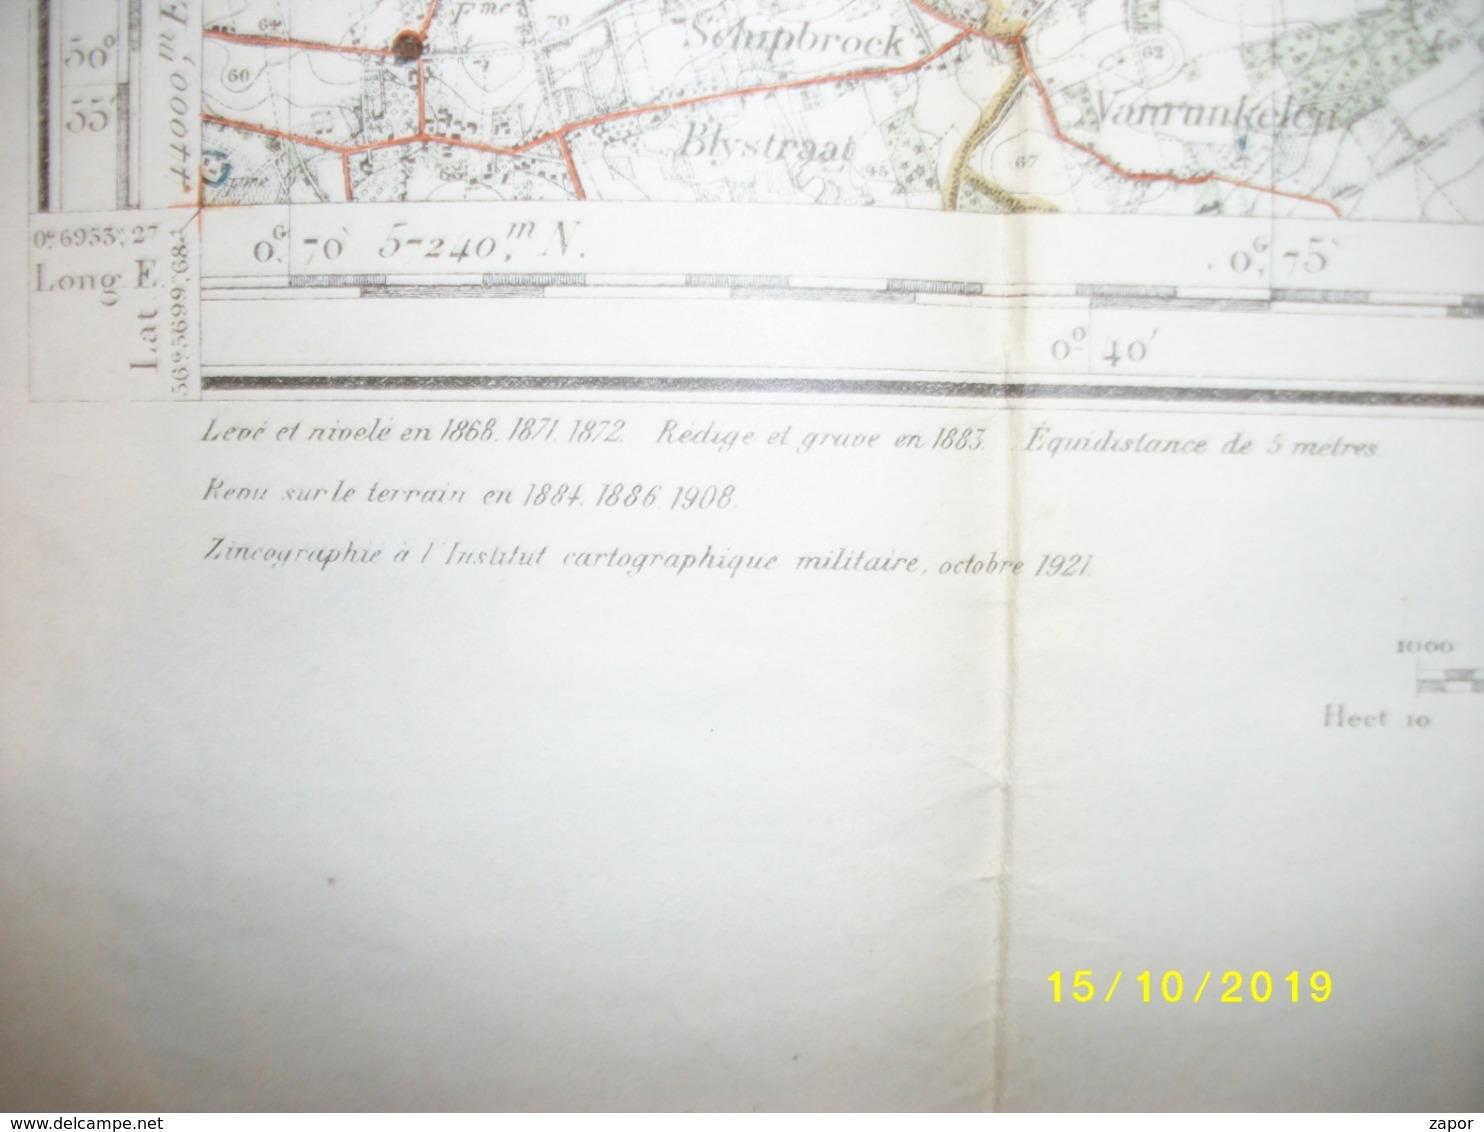 Topografische / Stafkaart Van Hasselt (Houthalen Zolder Beringen Spalbeek Meldert Tessenderlo) - Topographical Maps